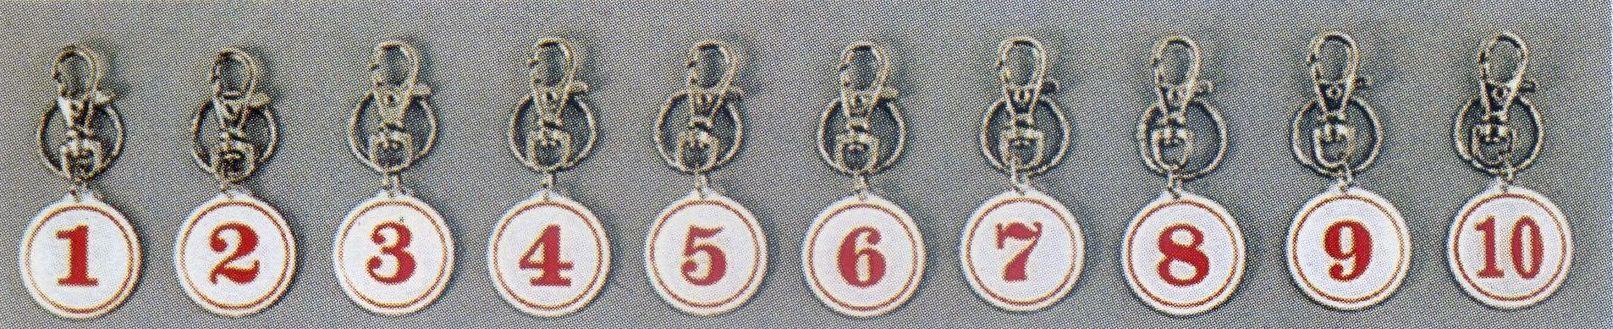 【文具通】A4 號碼 扣環 鑰鎖圈 錀匙圈 白底紅字 雙面 直徑約3cm 1號~100號 訂購您需求總數量,並來電告知號碼與數量 AA010999